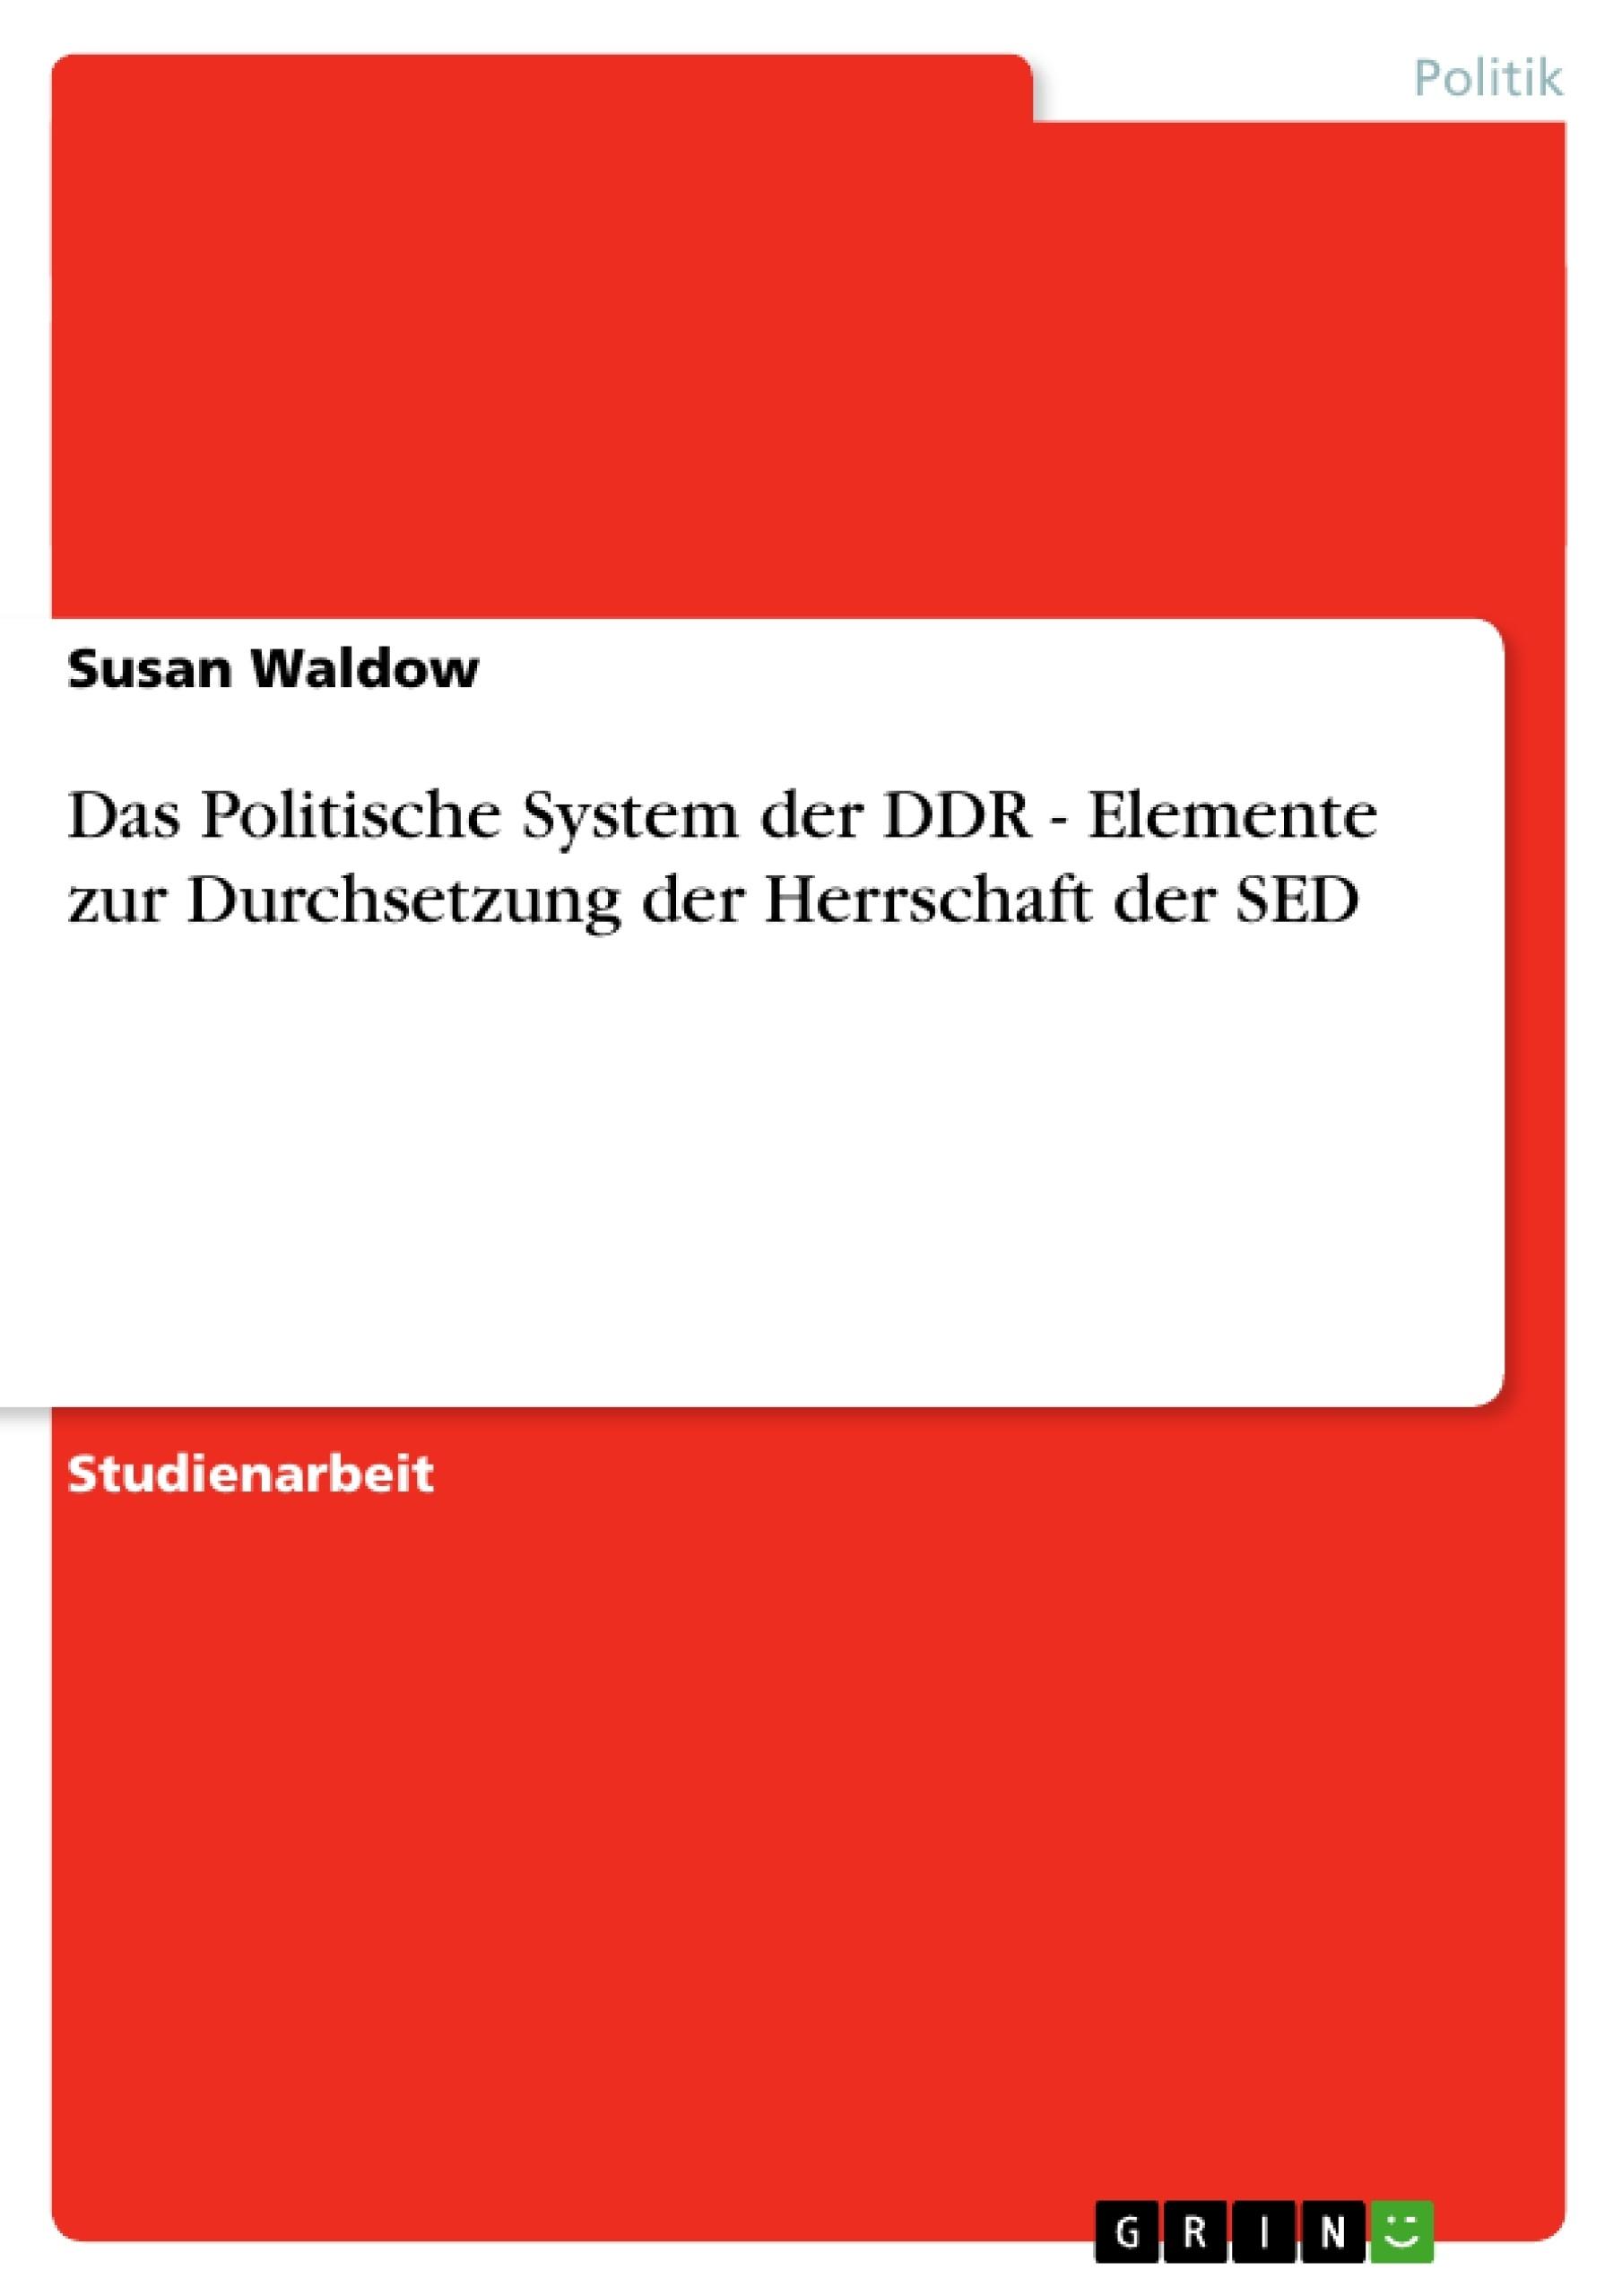 Titel: Das Politische System der DDR - Elemente zur Durchsetzung der Herrschaft der SED